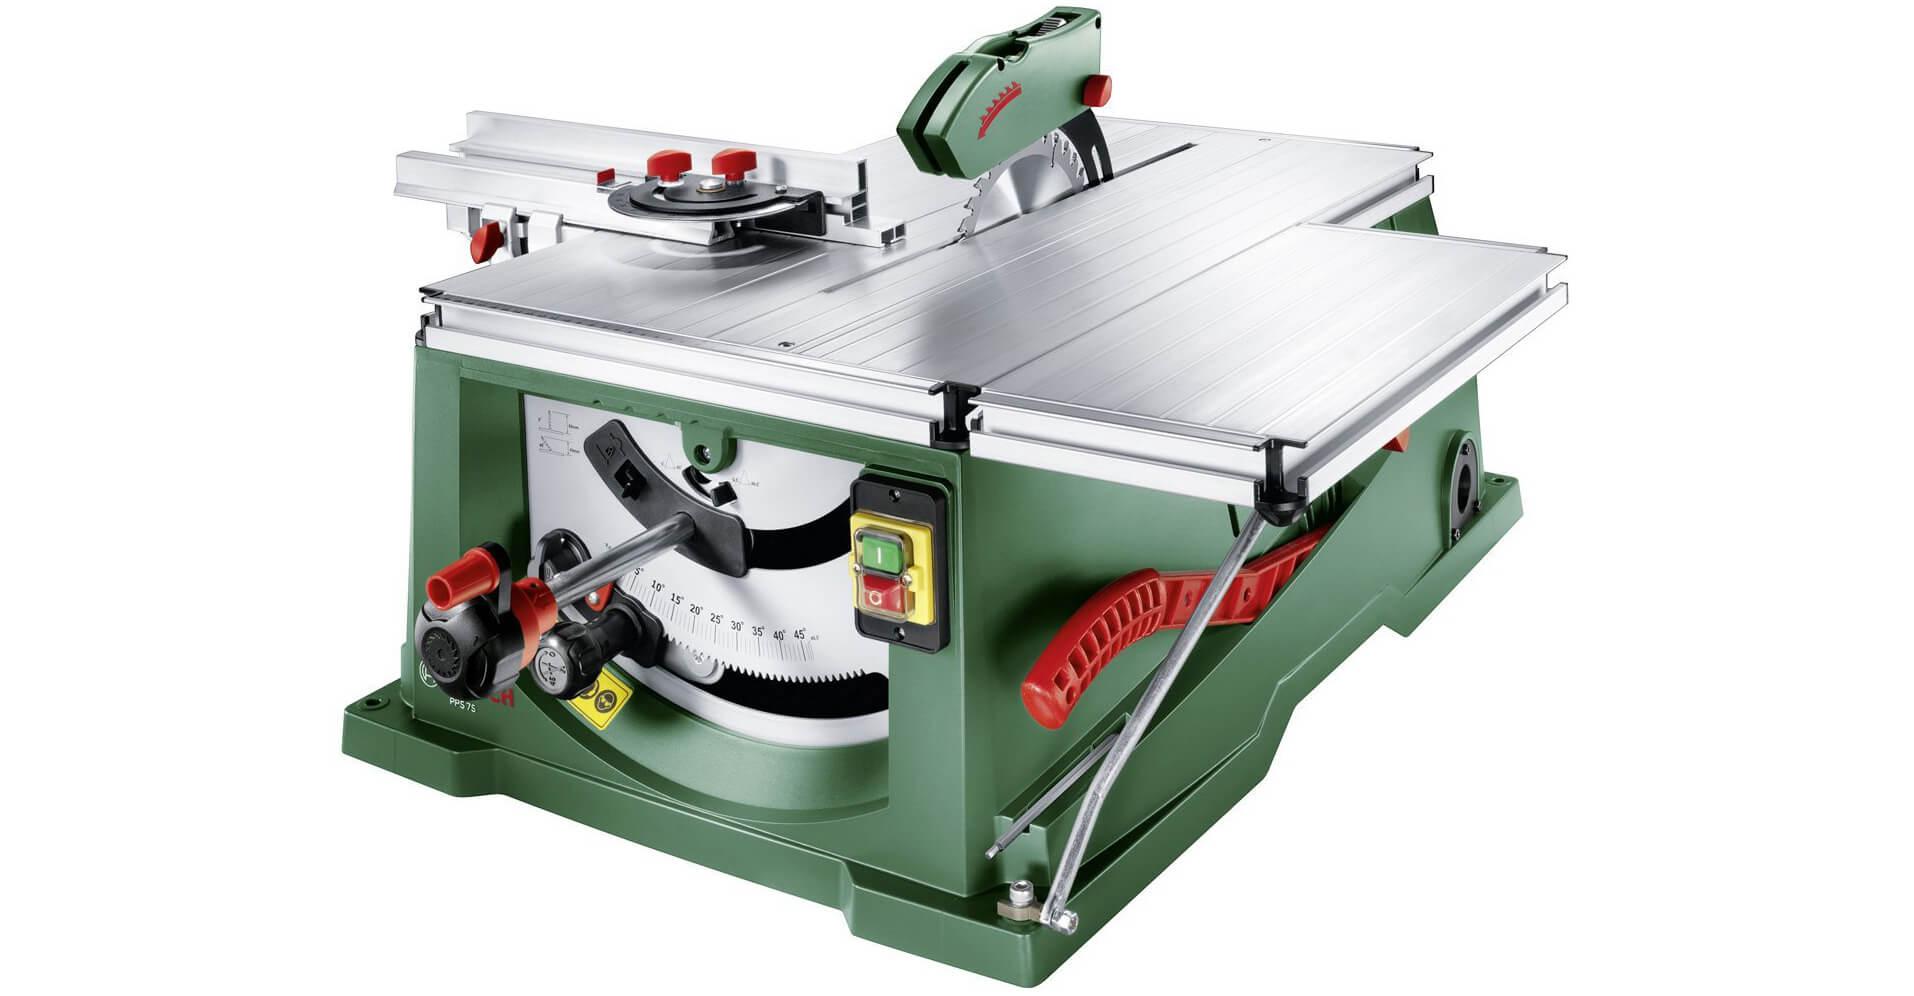 tischkreissägen für heimwerker - produktvorstellungen